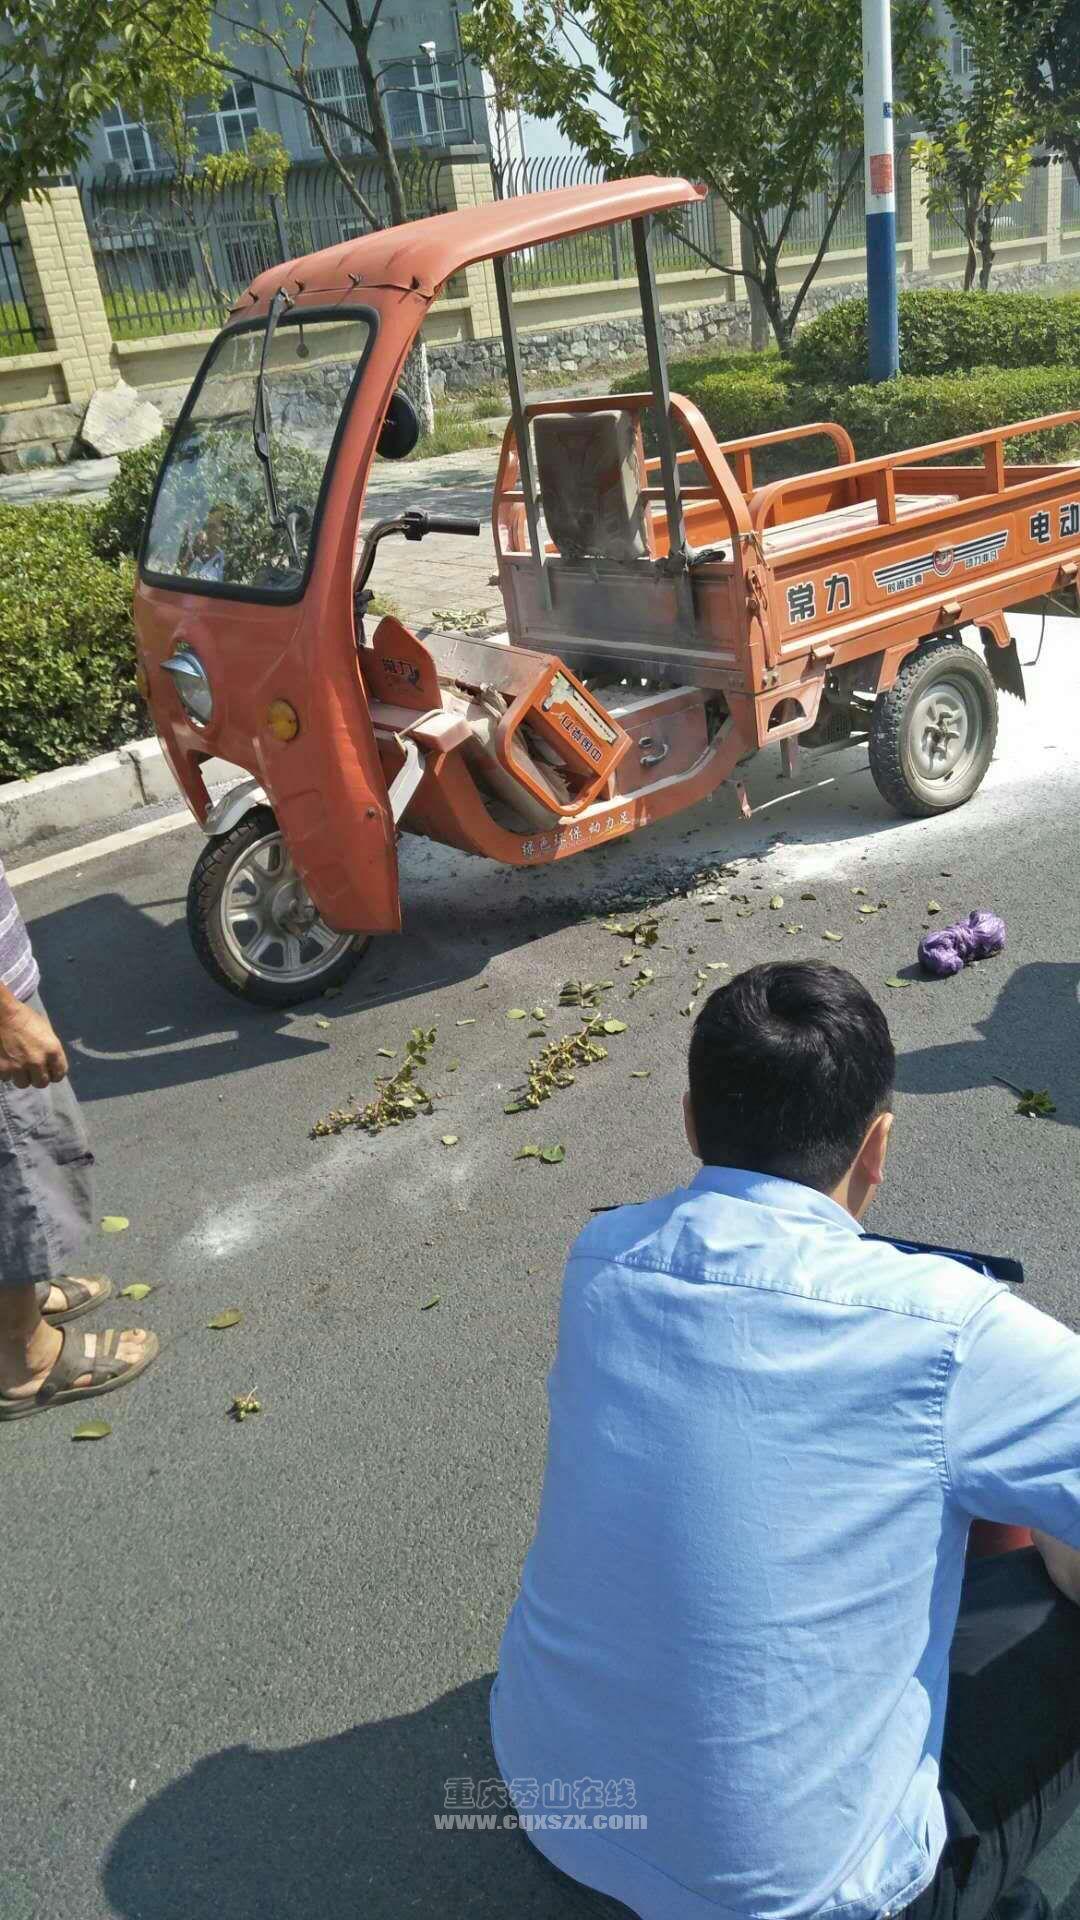 三轮车自燃警察蜀黎、大车司机仗义相助无人员受伤,为他们点赞